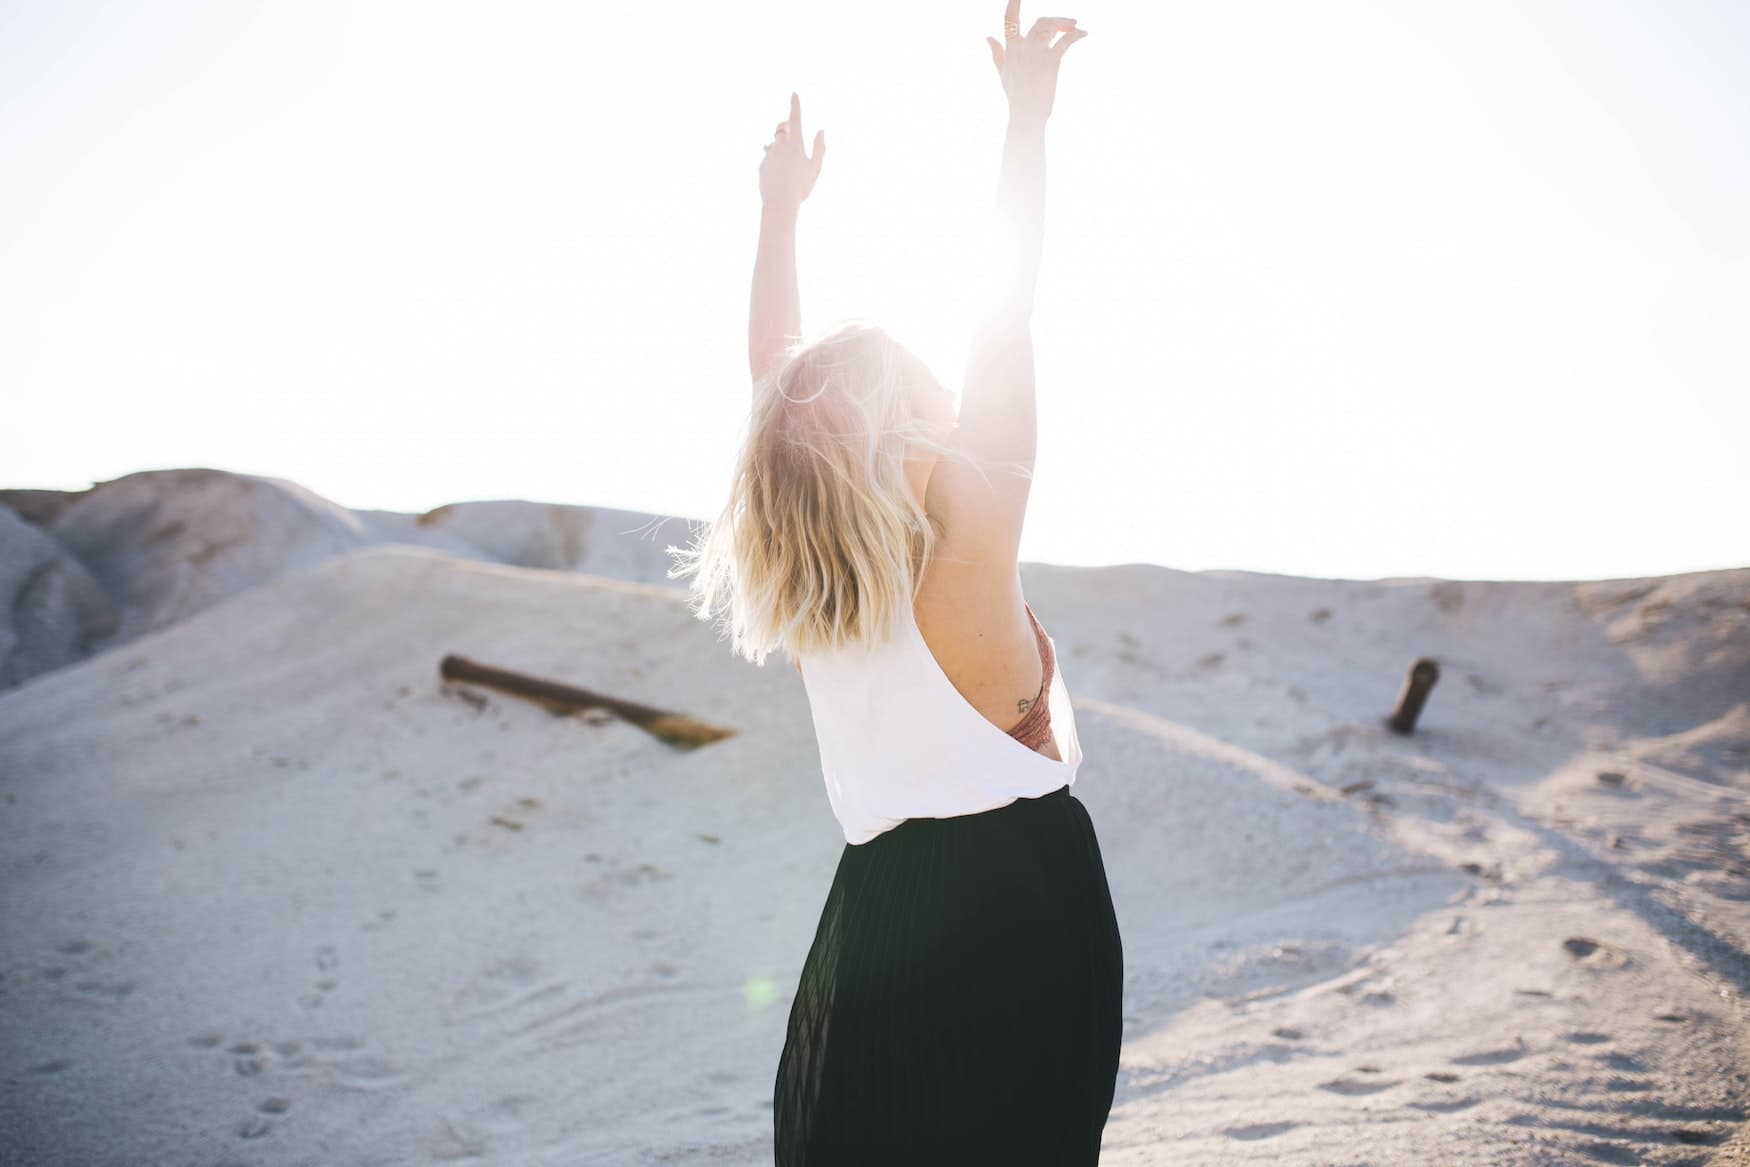 Frau steht am Strand und streckt die Arme in die Luft